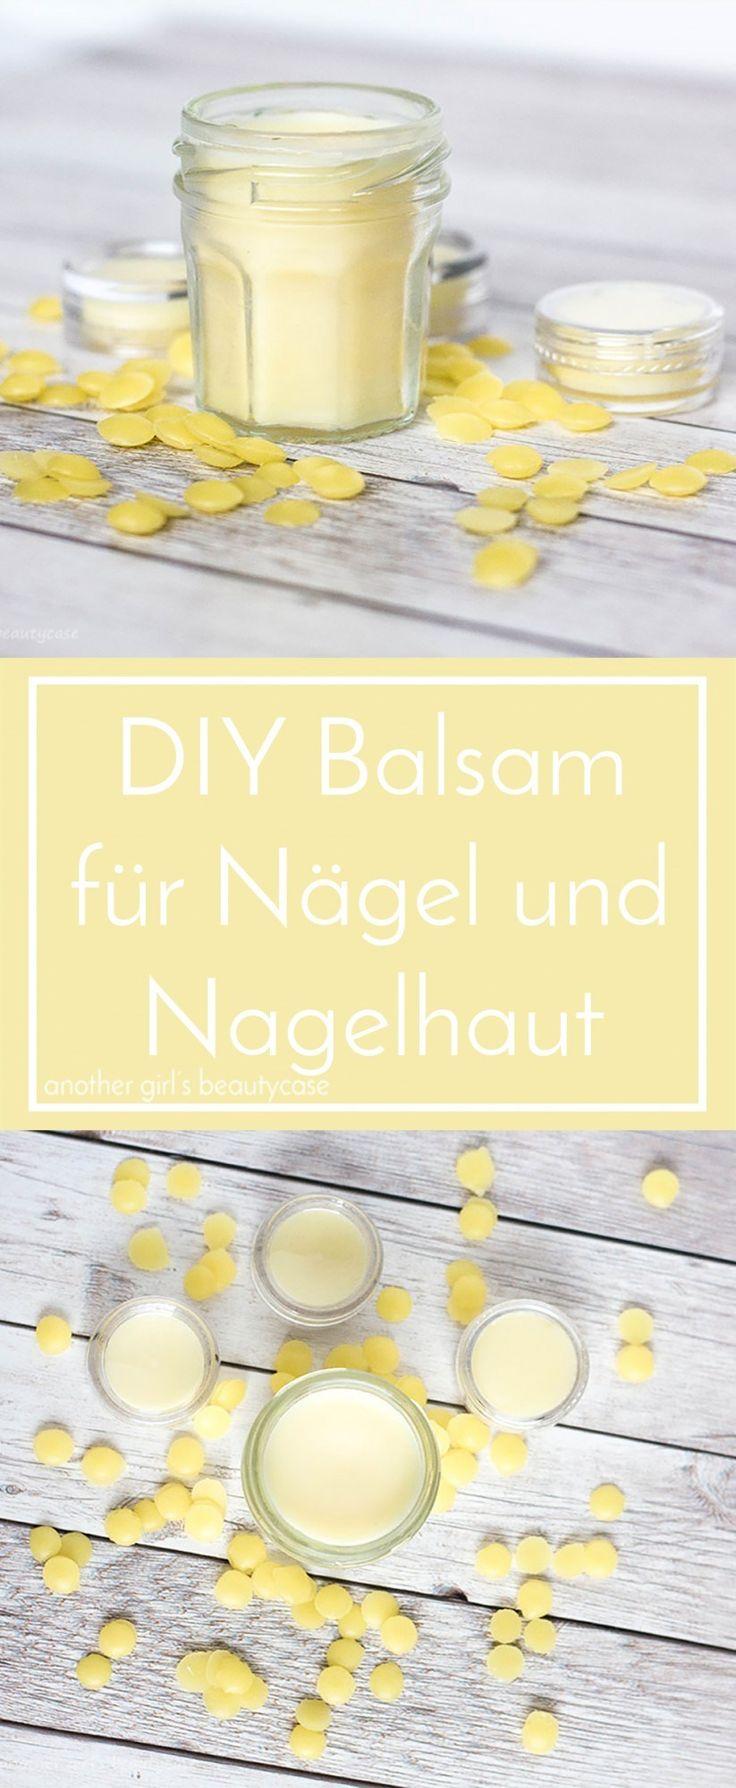 DIY Nagelpflege für schöne Nägel und Nagelhaut – DIY